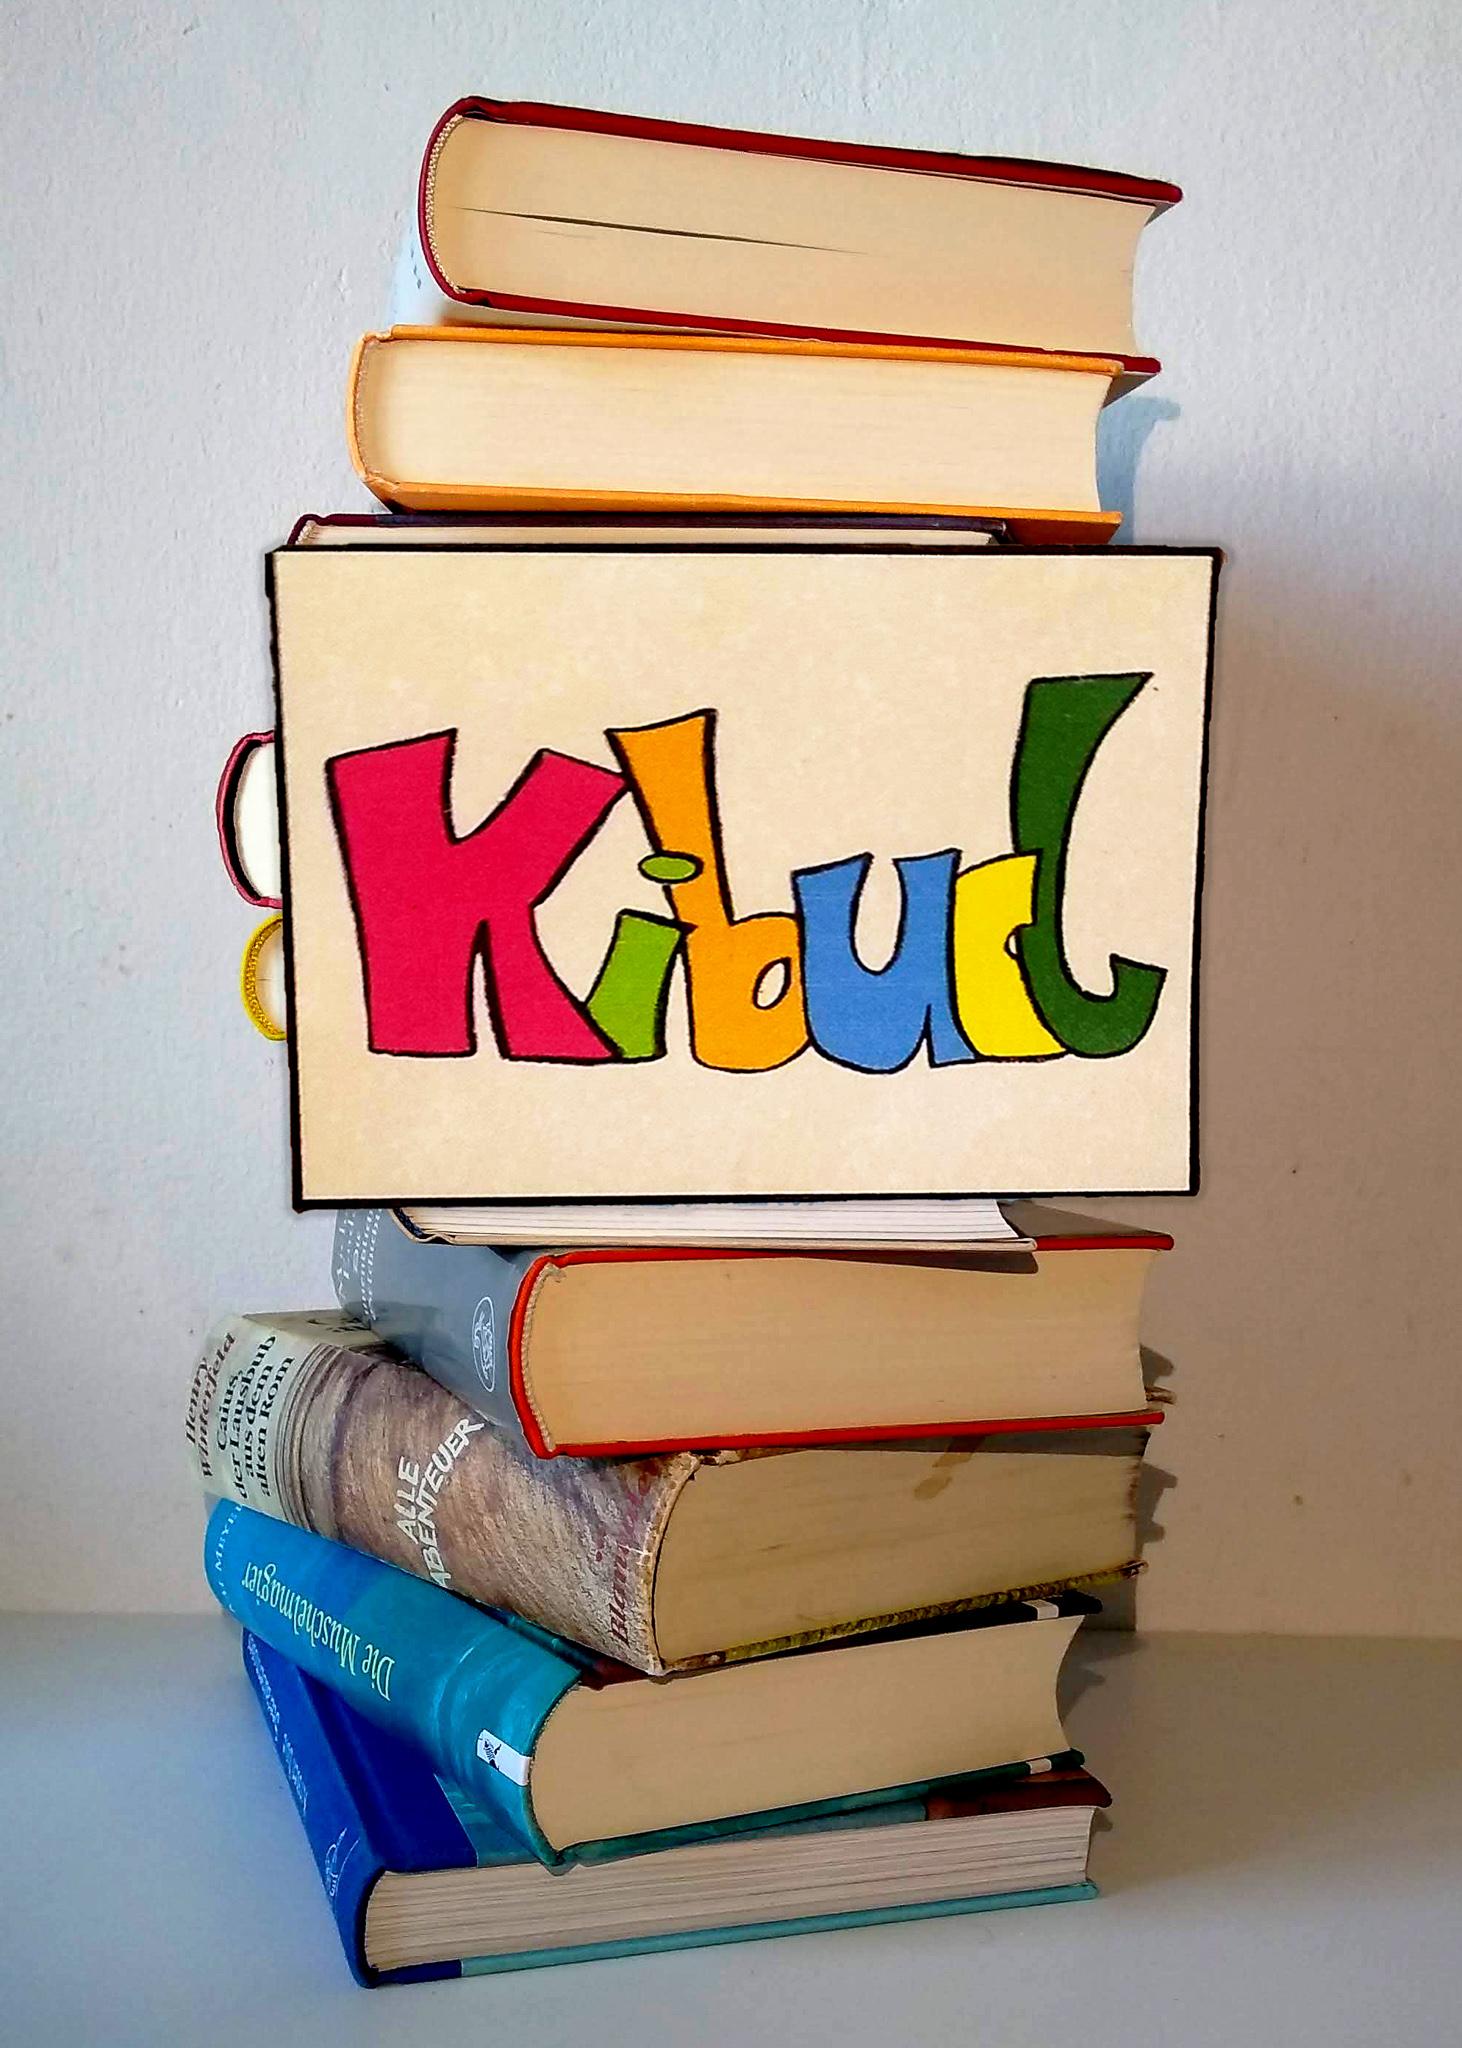 Kibucl: Der Kinder-Buch-Club